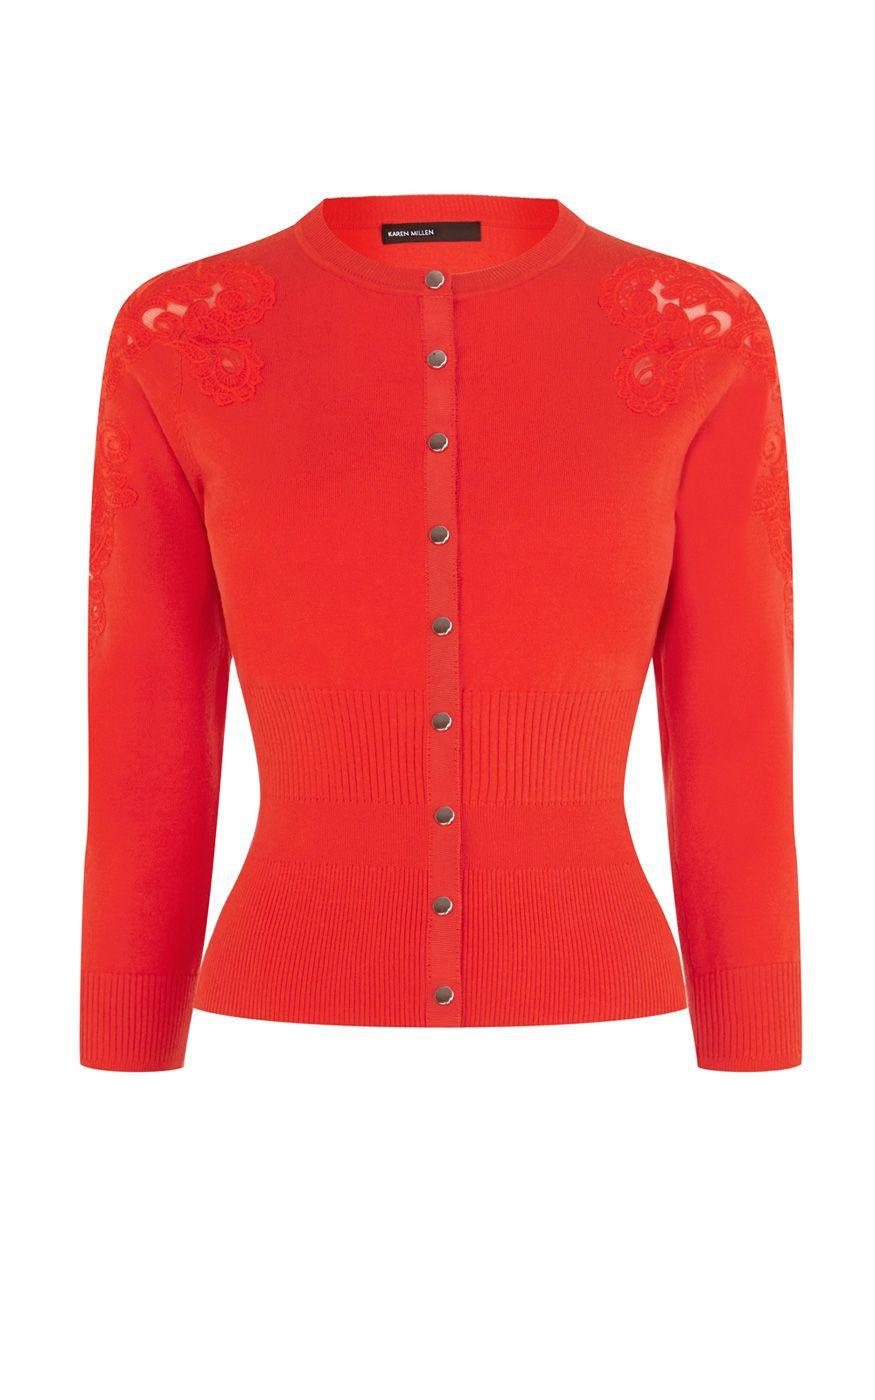 c59dd714d4a Lace insert cardigan | Luxury Women's knitwear | Karen Millen ...